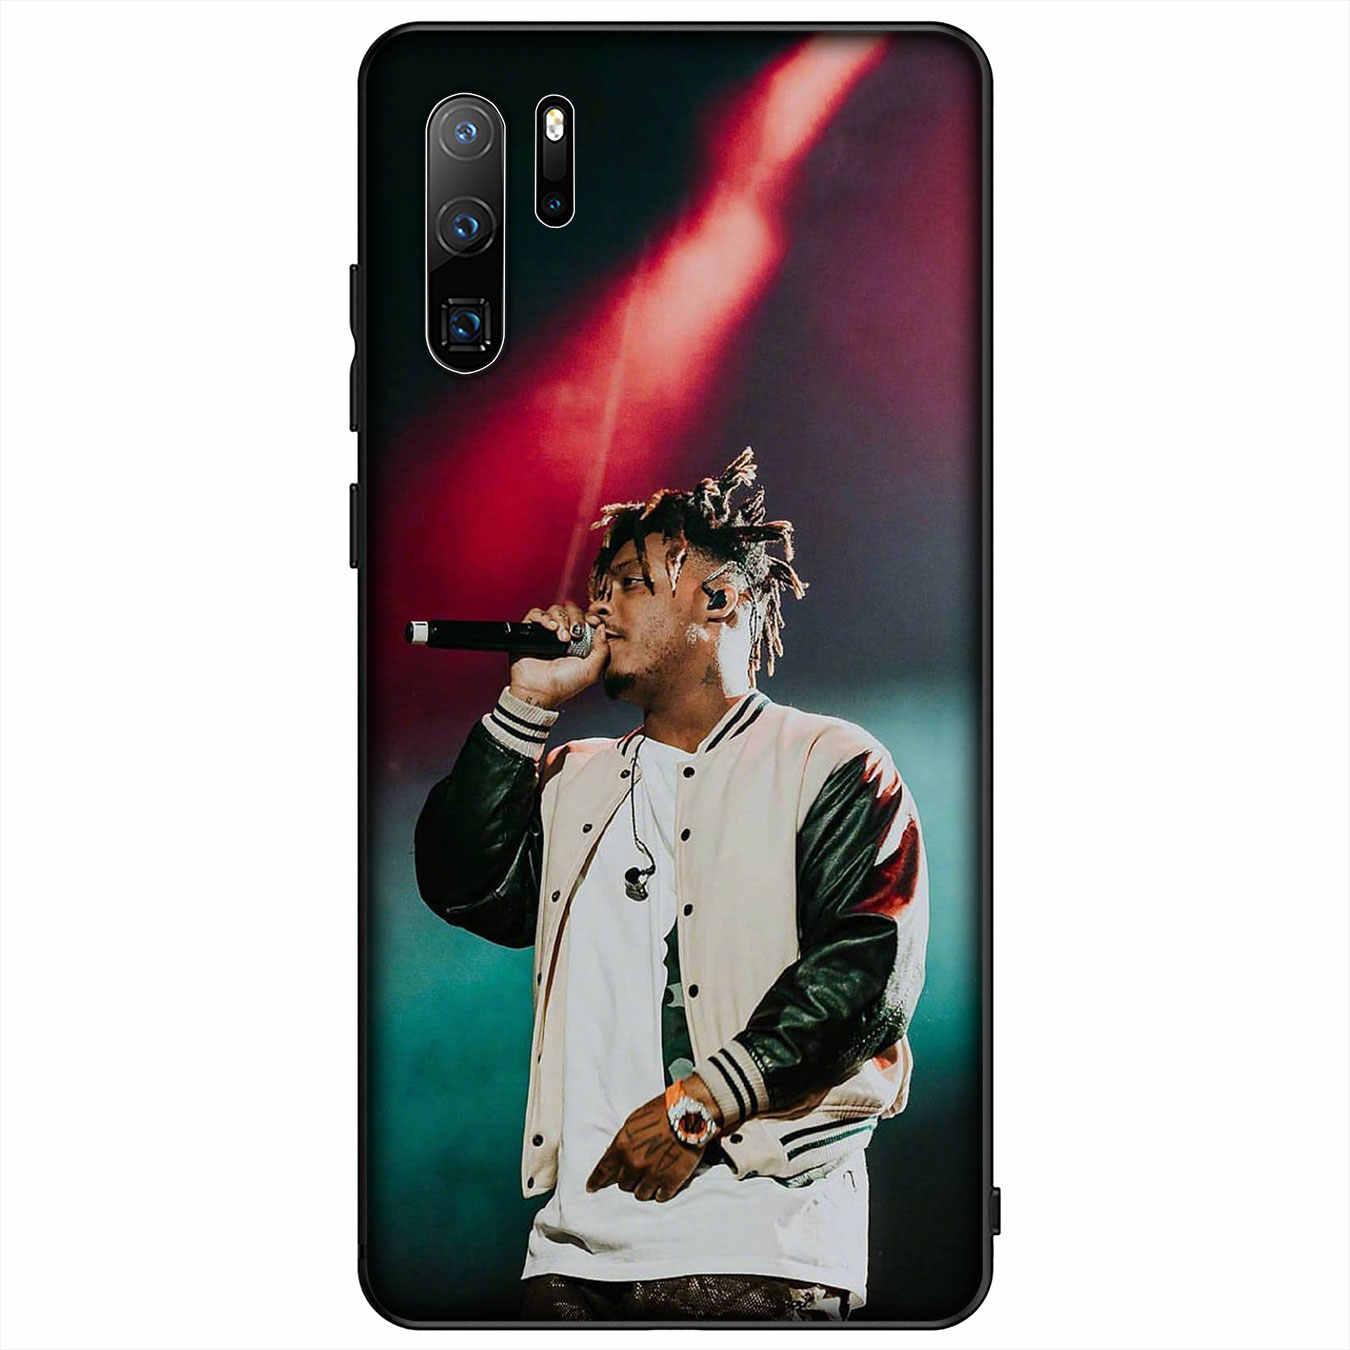 Ateez Kpop Hard Telefoon Case Voor Iphone Xr X Xs 11 Pro Max 10 7 8 6 6S 5 5S Se 4 4s 4 Cover